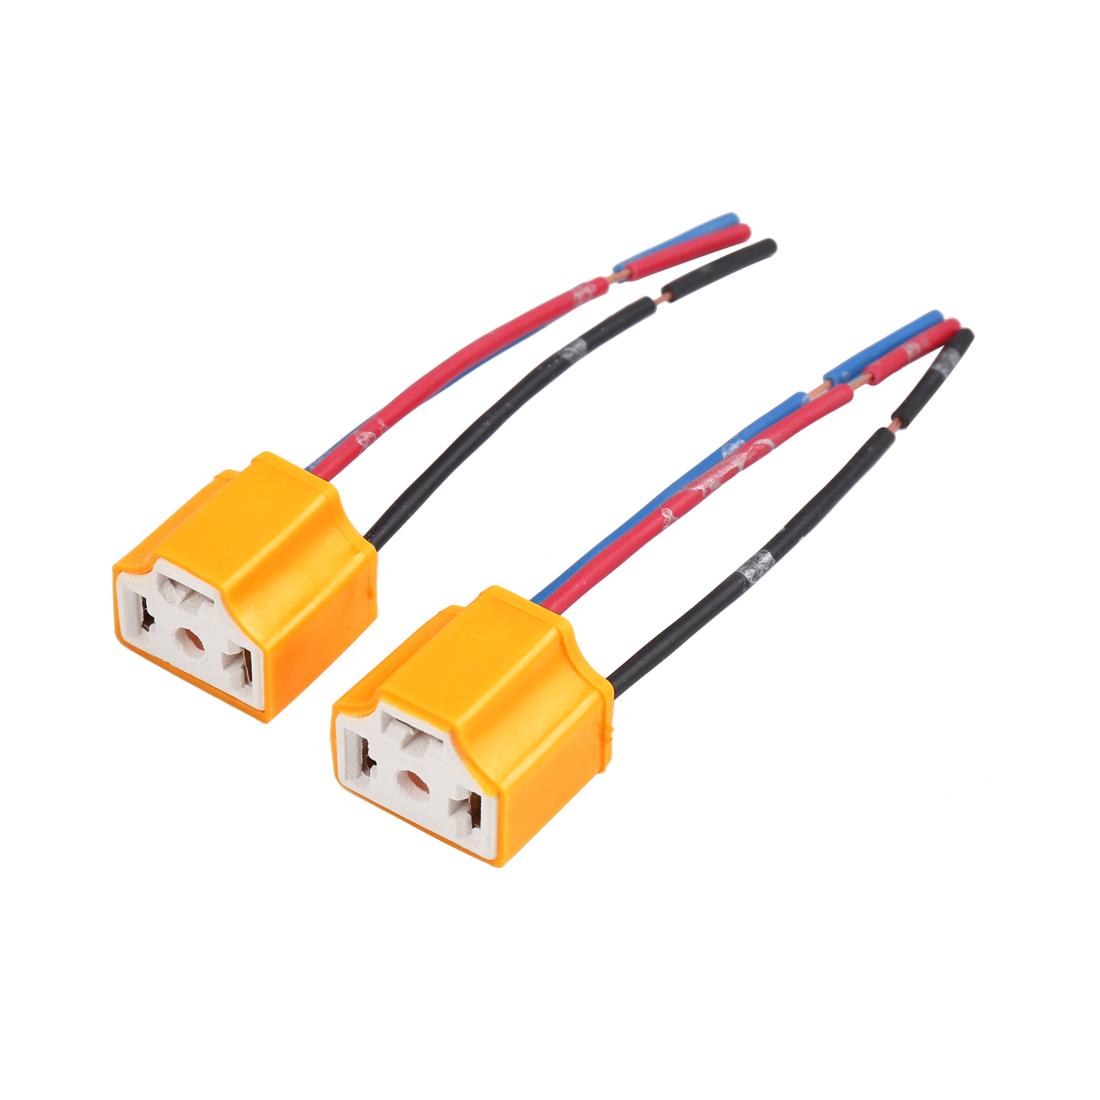 2 Pcs Yellow Car Ceramics H4 Headlight Connector Lamp Bulb Socket Harness